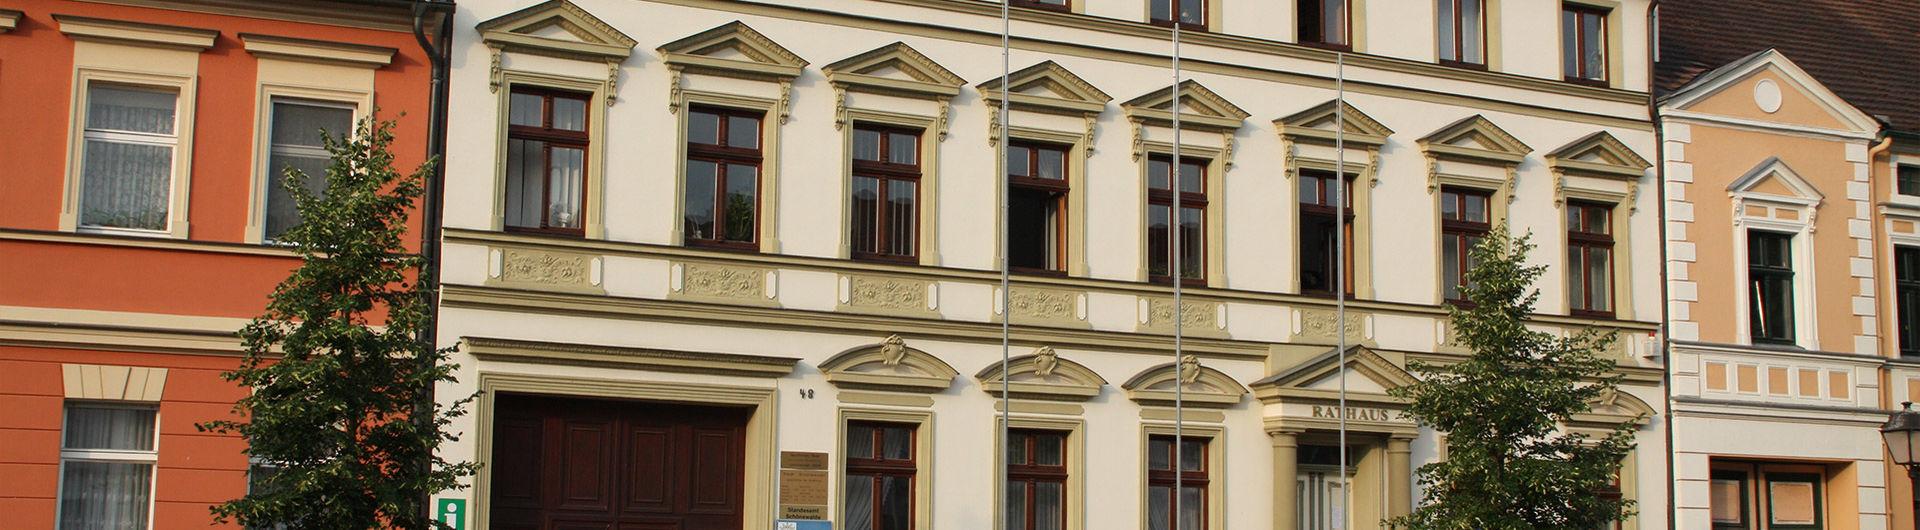 Rathaus Schönewalde